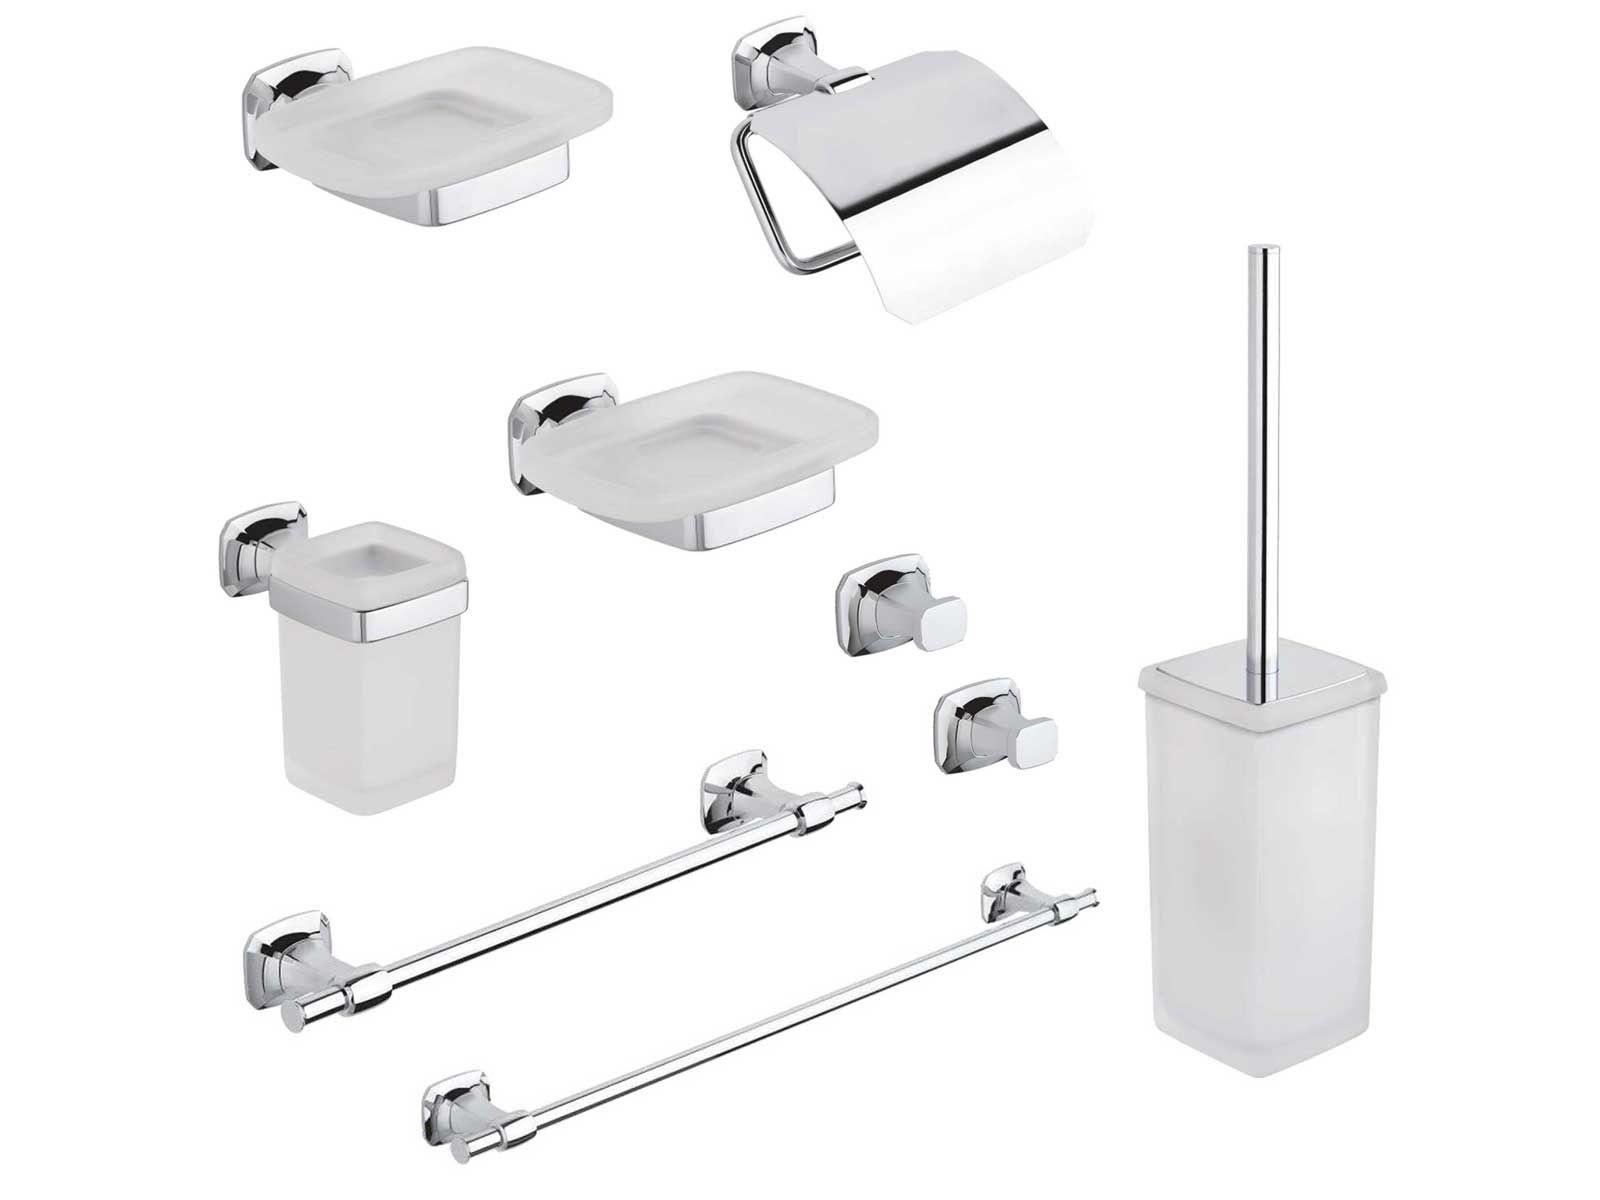 Kit accessori bagno aida 8 pezzi metaform - Accessori per il bagno ...